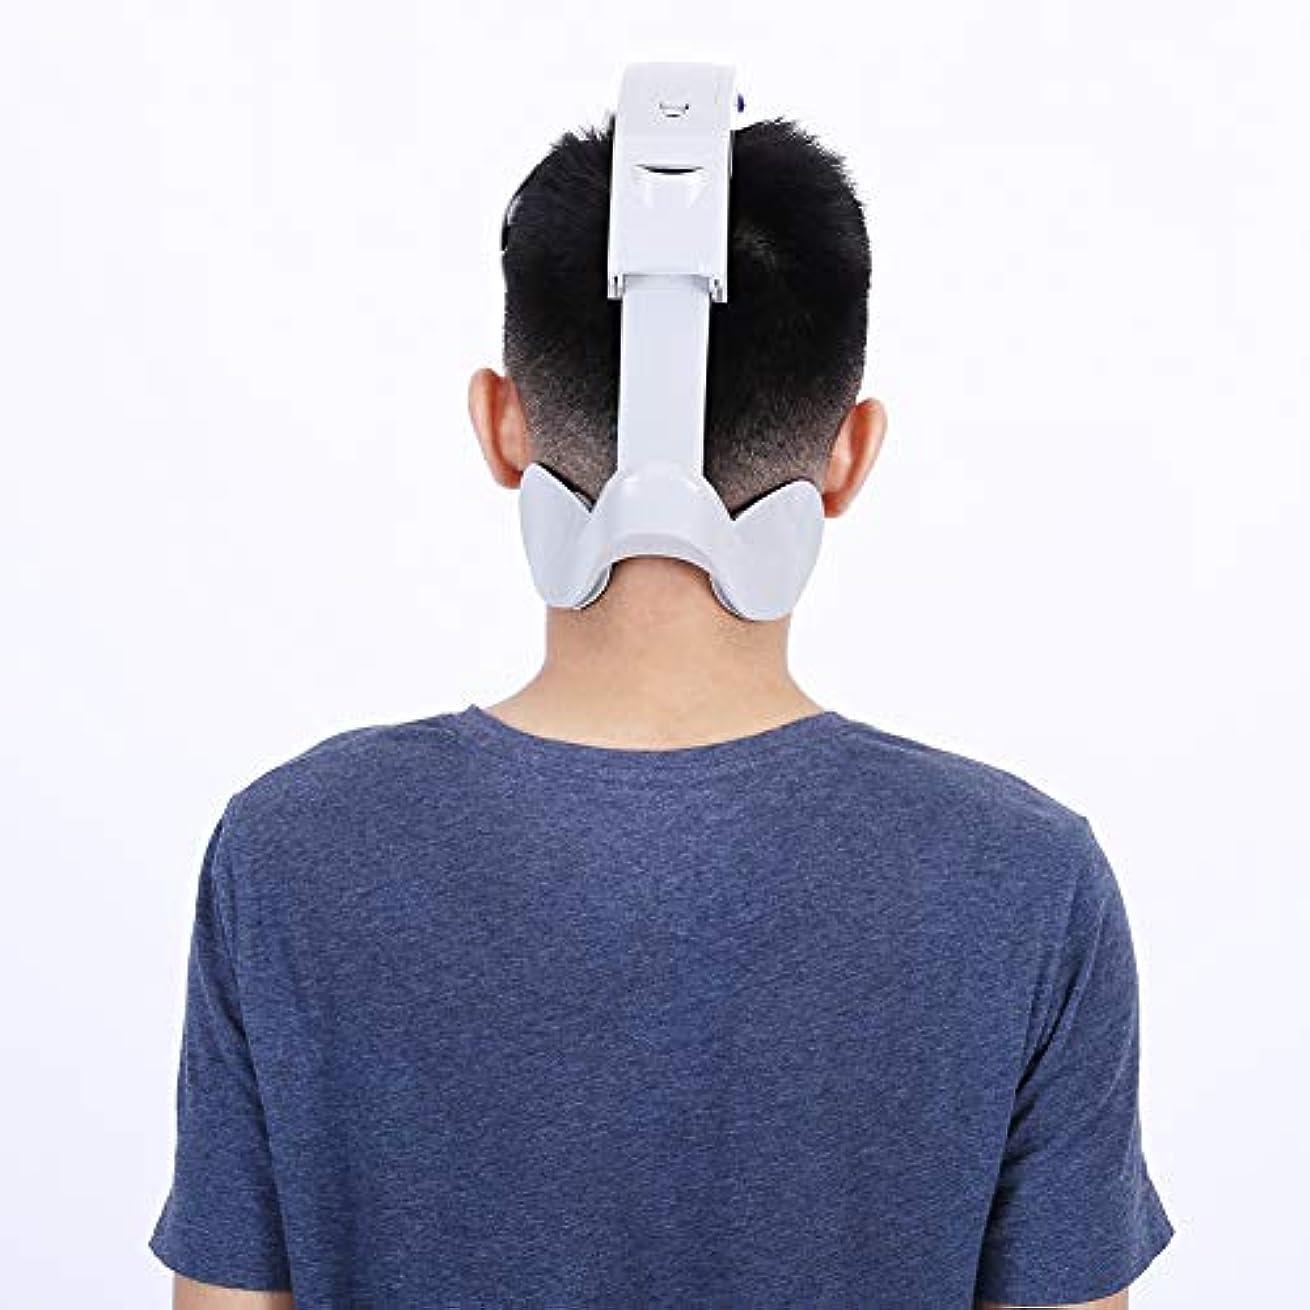 ジャンクションマスタード複製する電気ヘッドマッサージャー脳リラックスストレス